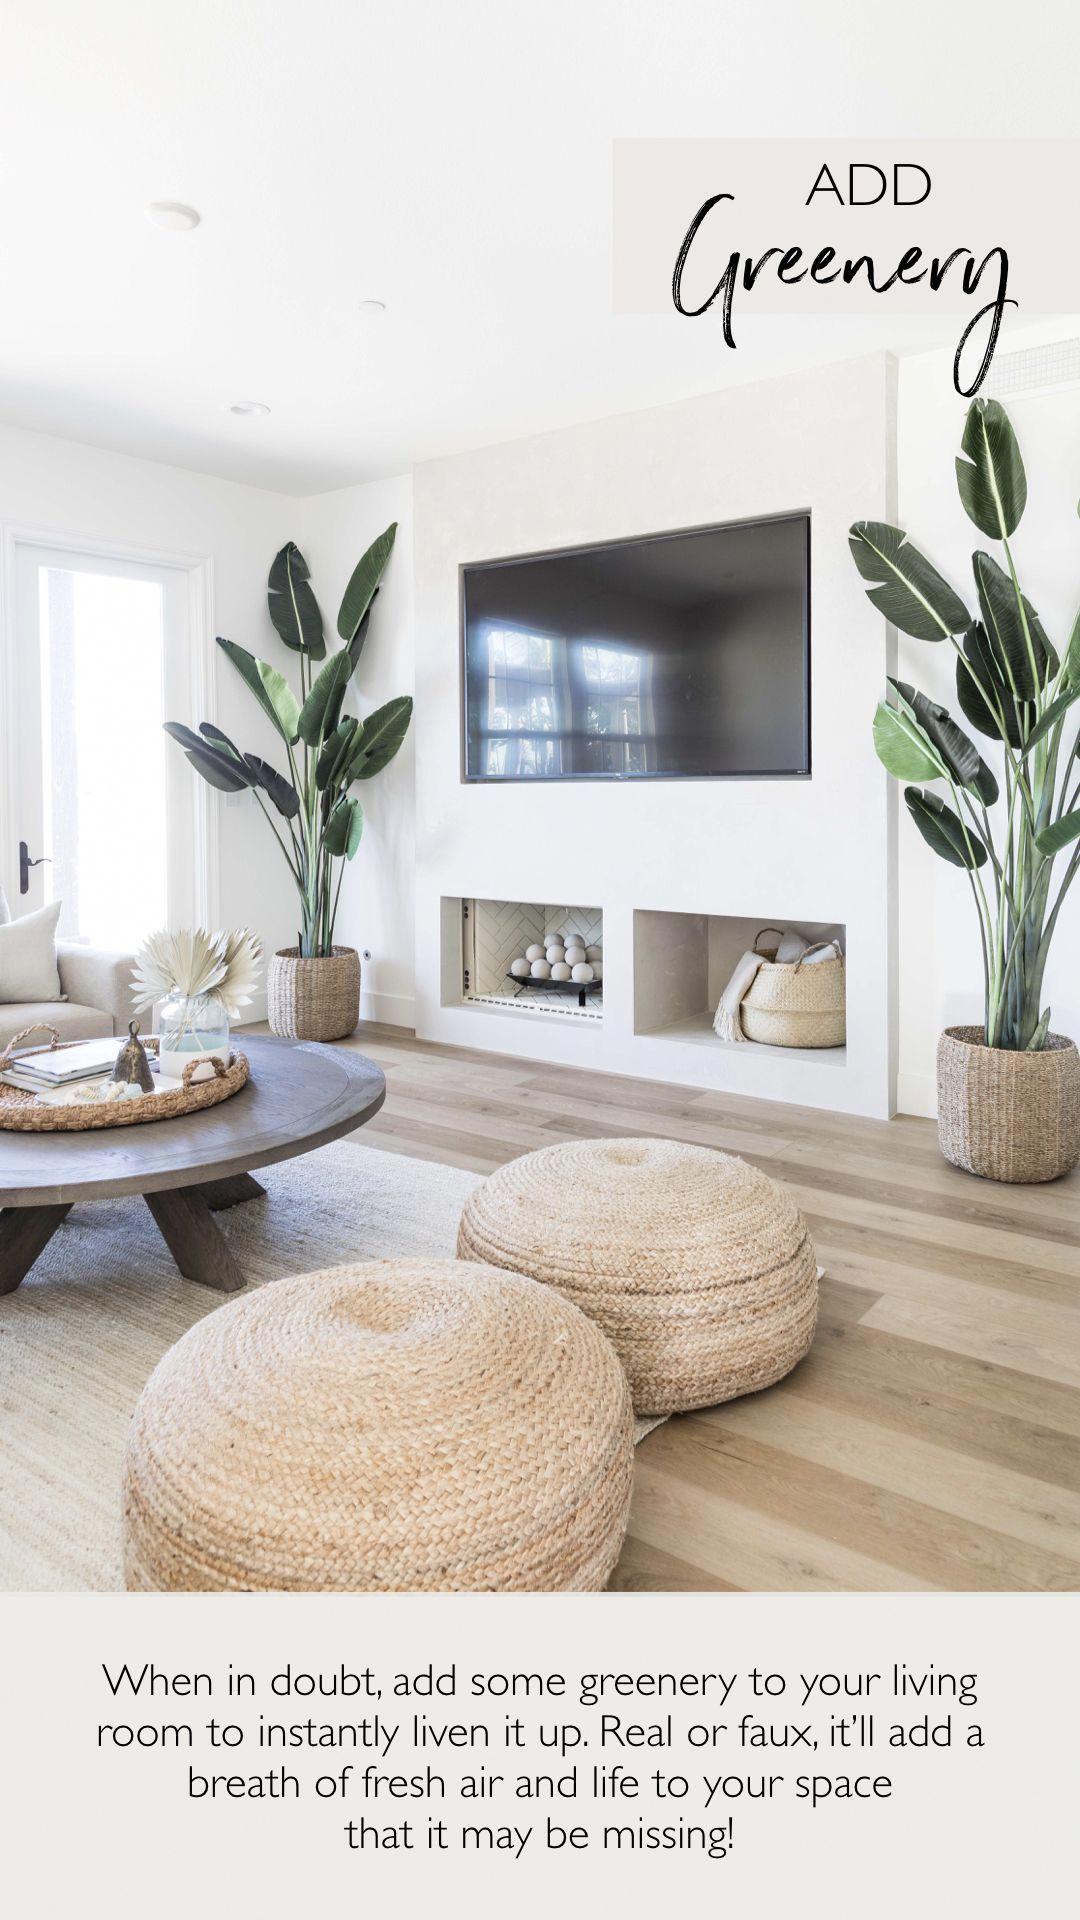 Living Room Essentials | INTERIOR DESIGN TIPS AND TRICK | #DesignTips #InteriorDesign #InteriorDesignTips #Tips #DecorTips #DesignGuide #InteriorDesignGuide #HomeDecor #livingroomessentials #HomeDecorCompanies